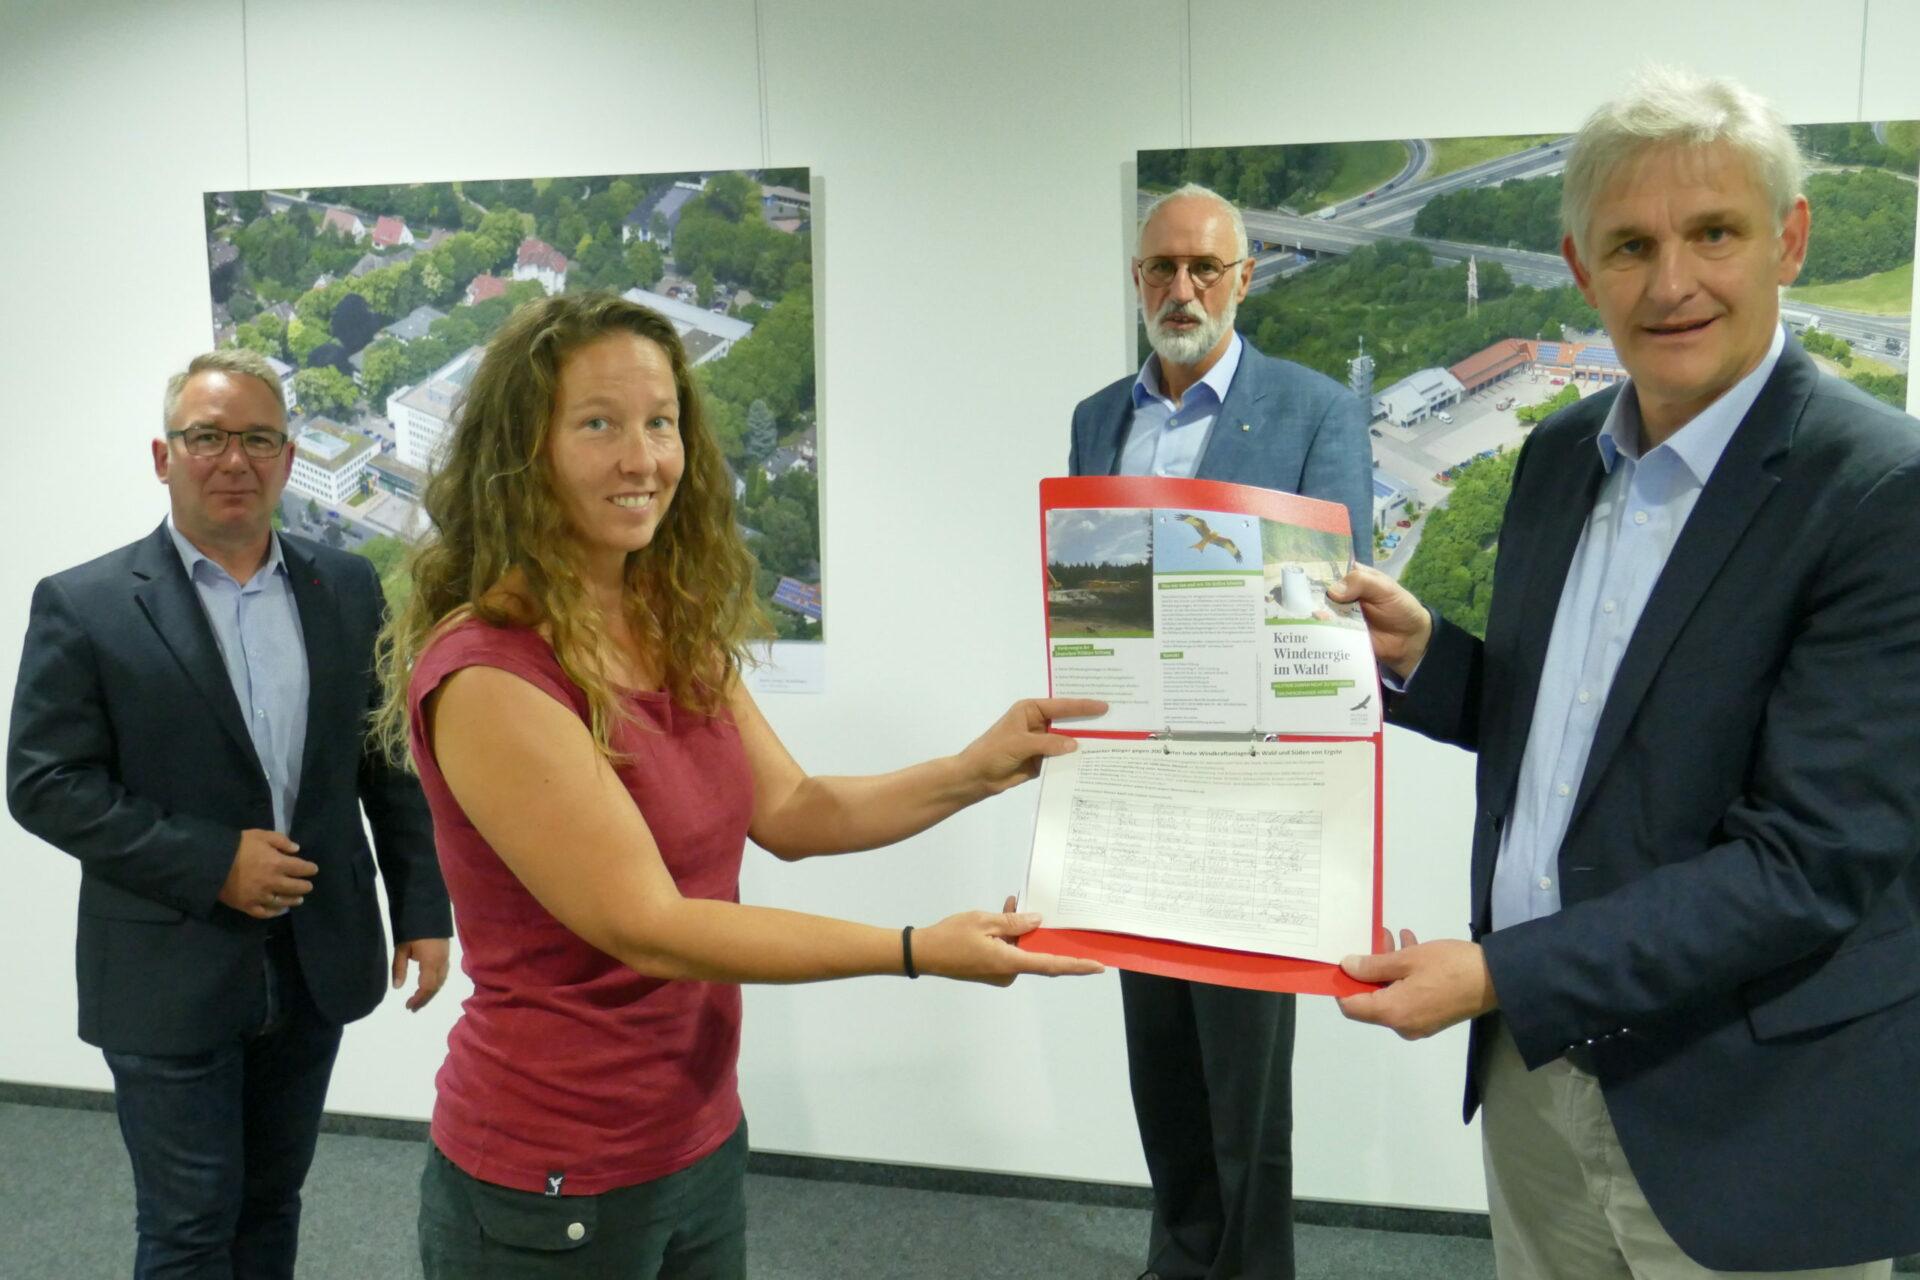 Initiative übergibt Unterschriften gegen Windräder in Ergste an Landrat